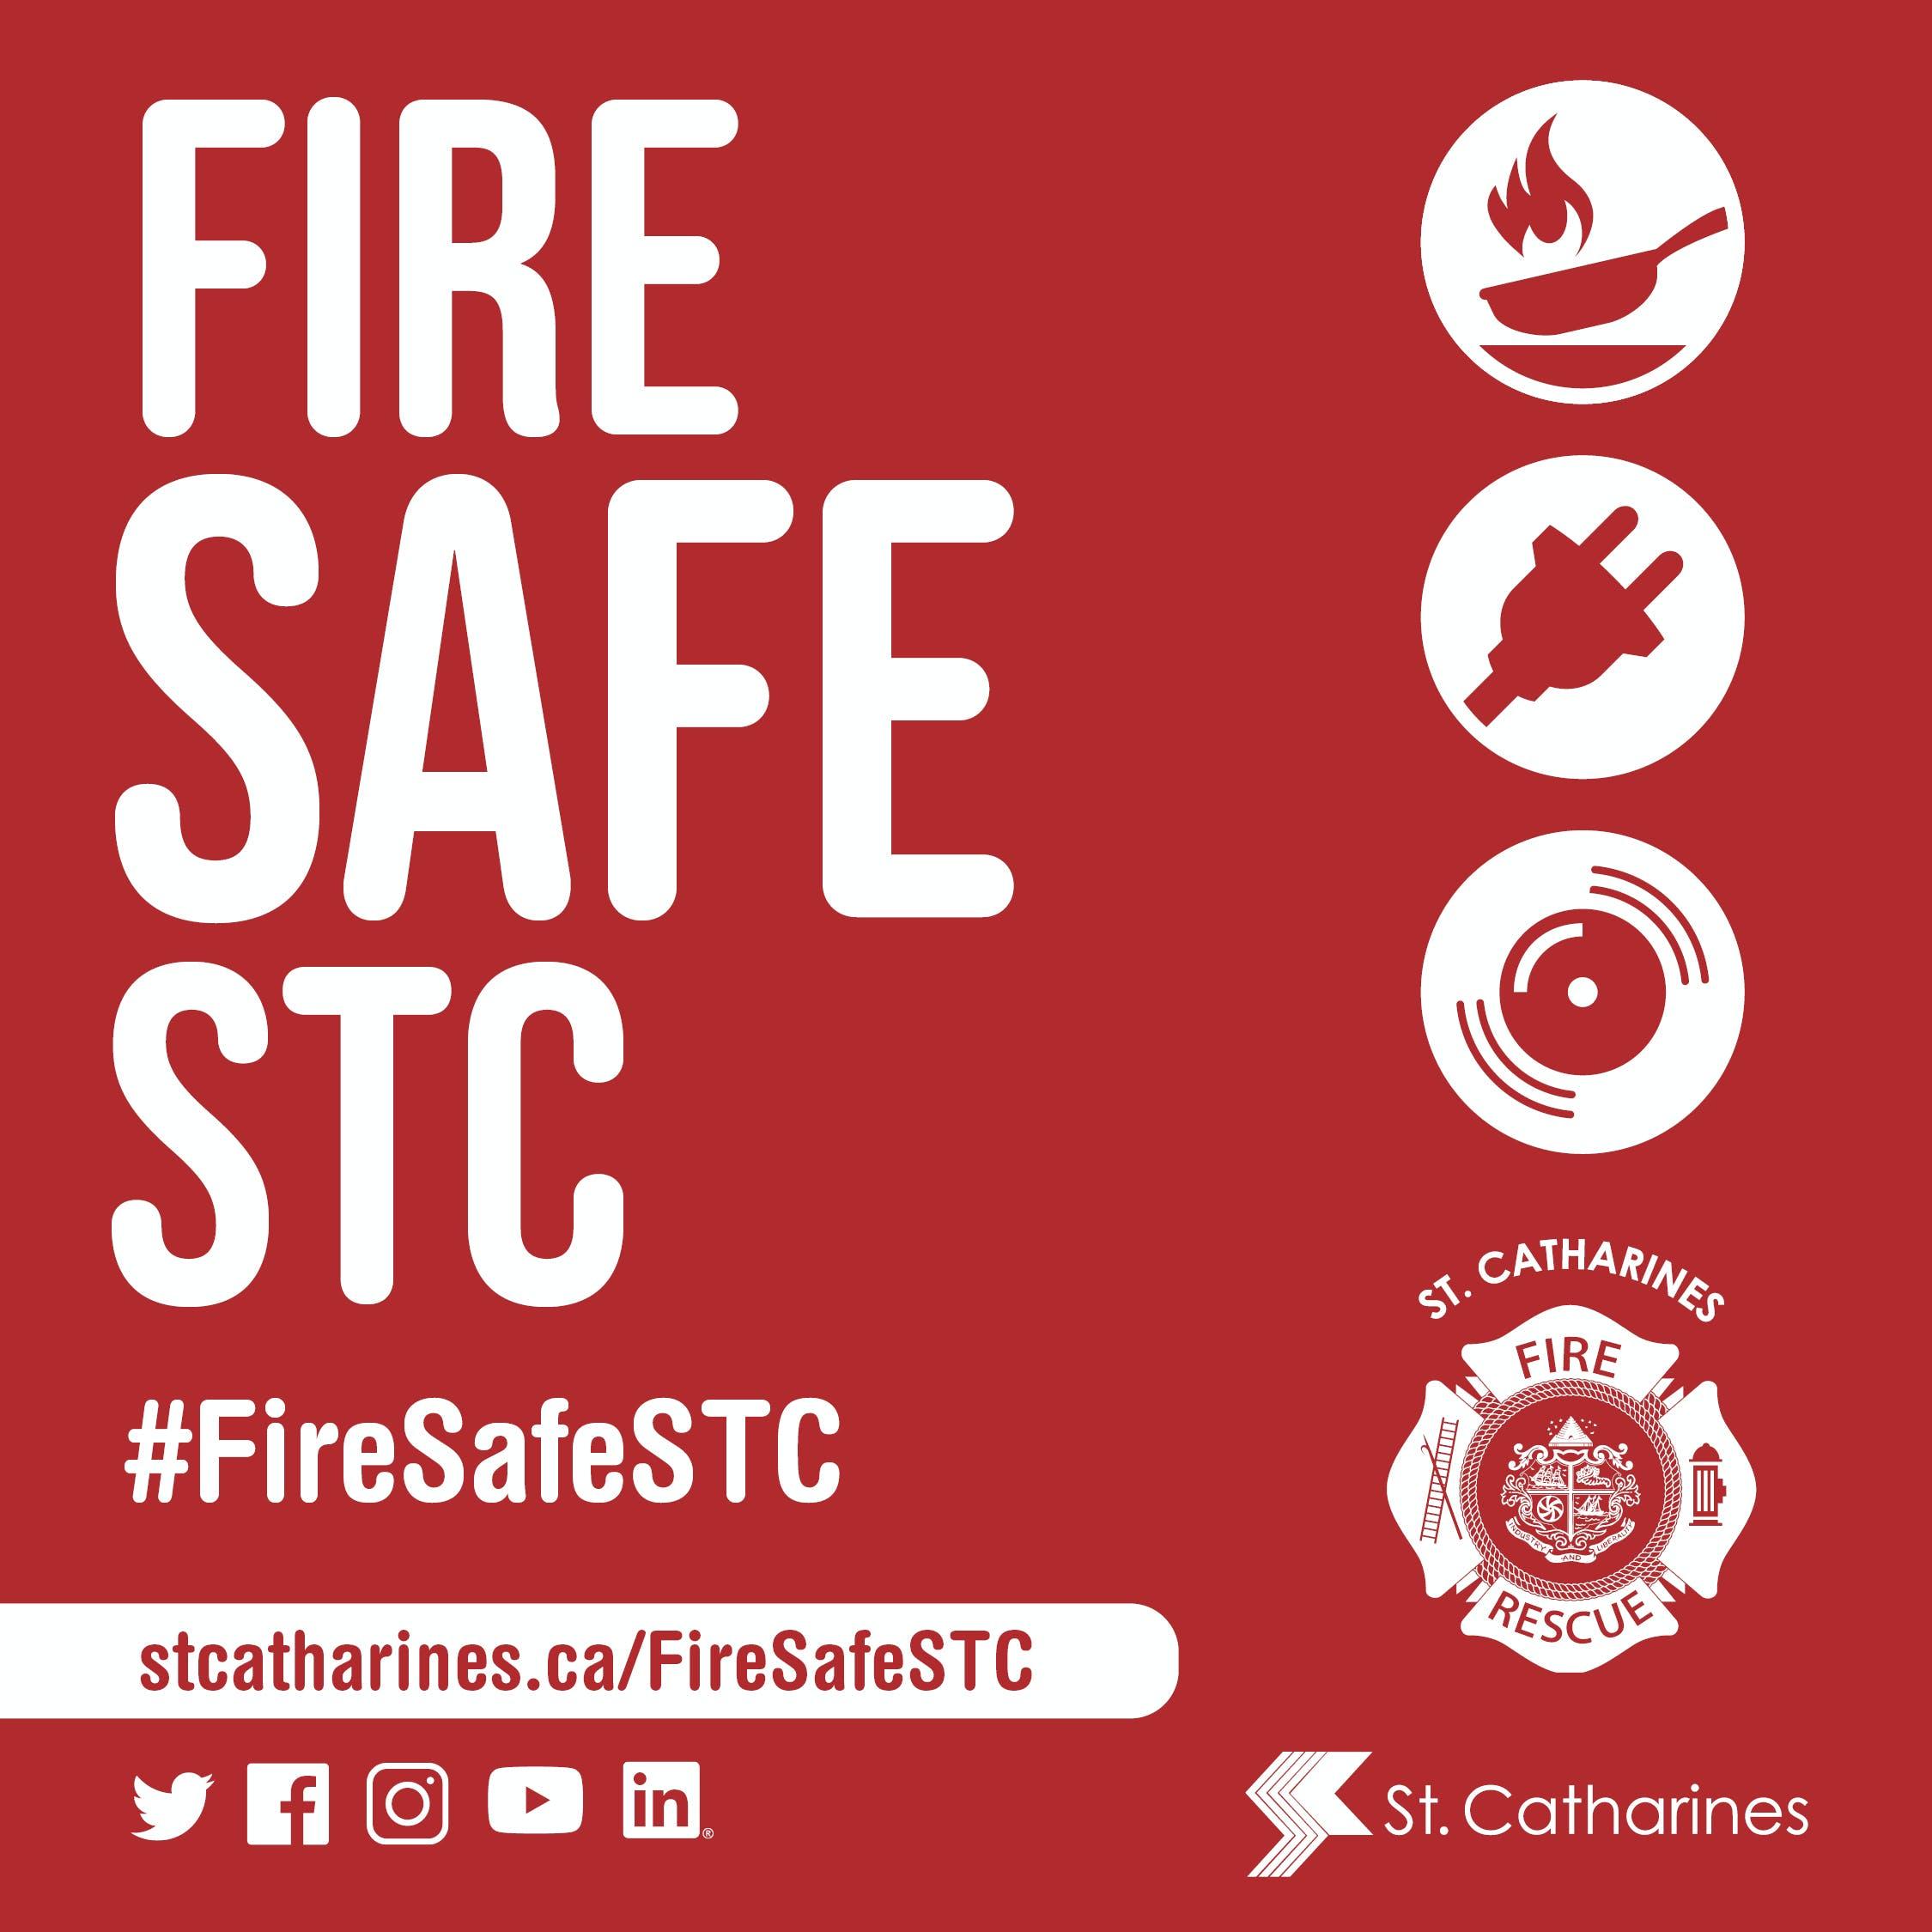 FireSafeSTC_General_Red_Social1.jpg